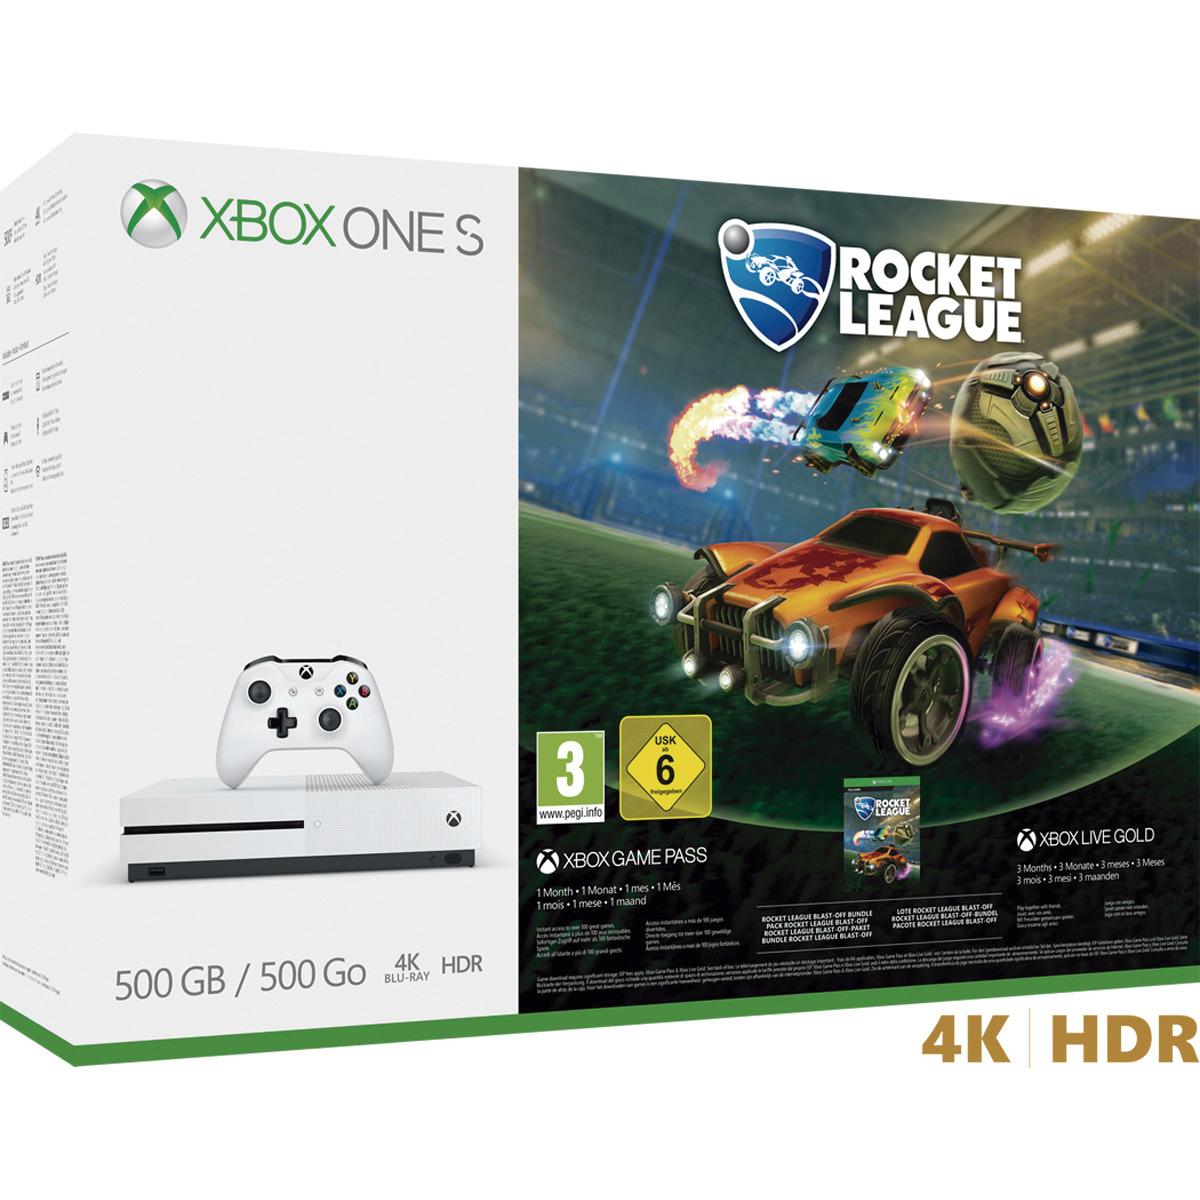 Xbox One S 500 GB + Rocket League